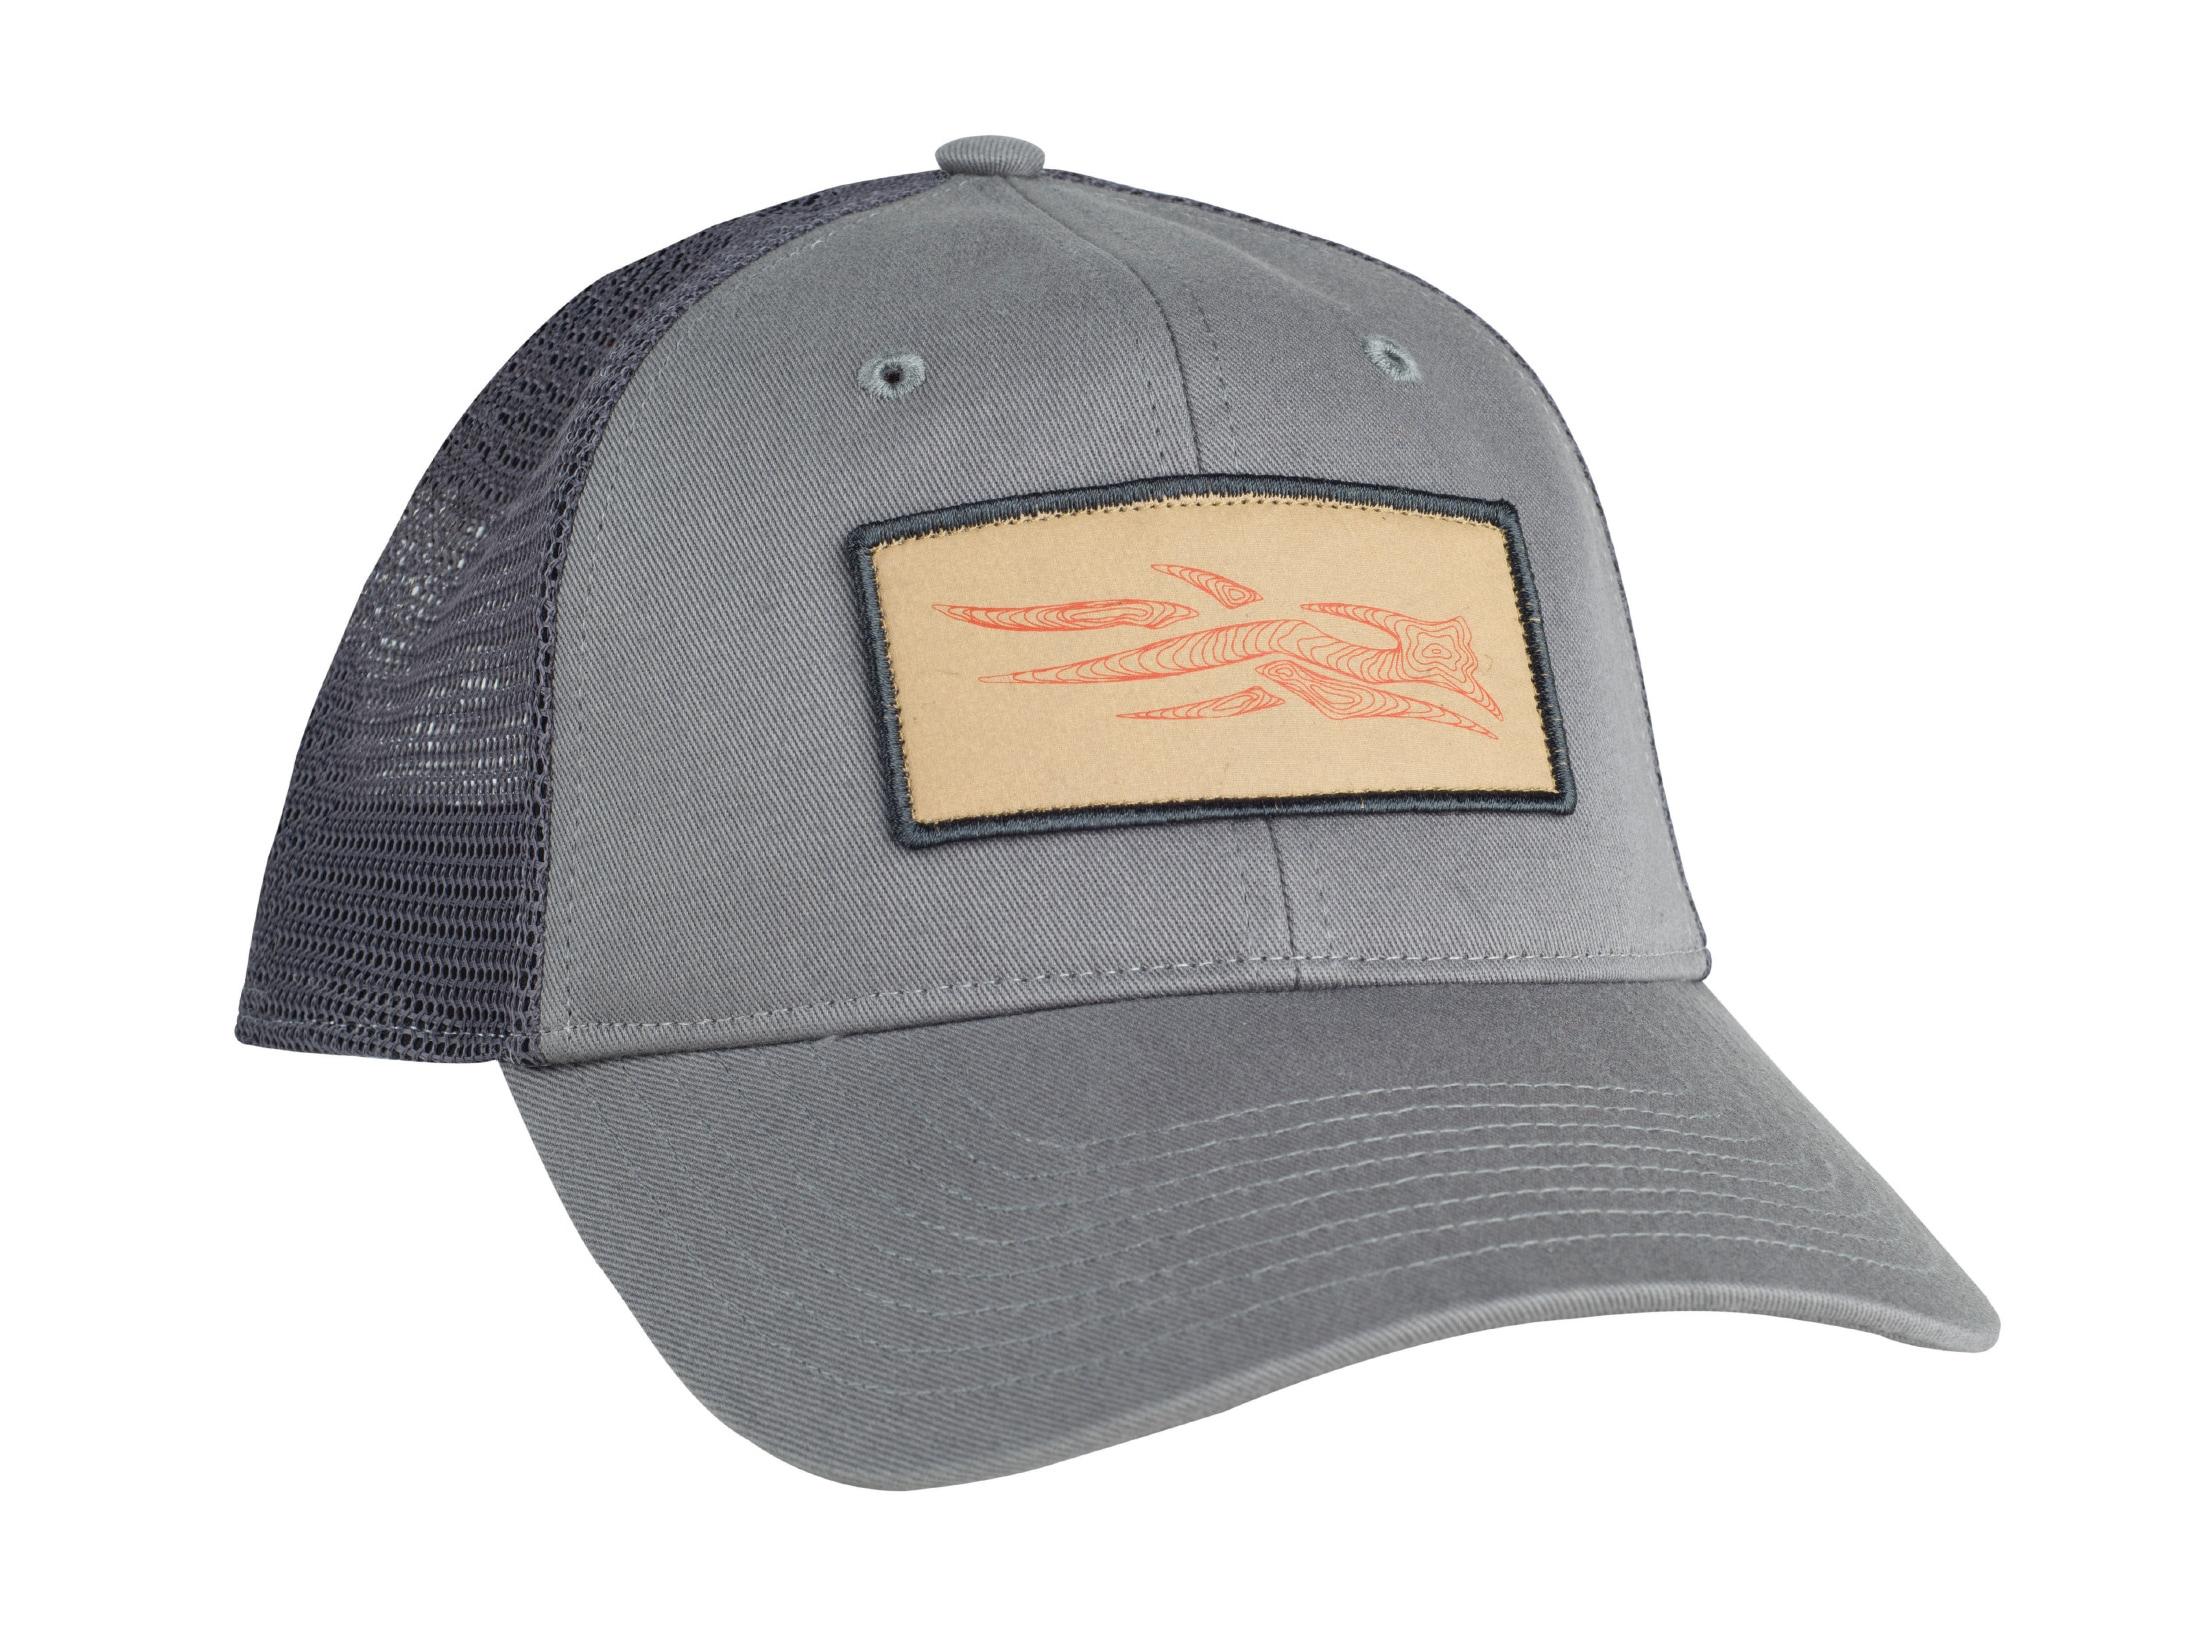 bb27726e7 Sitka Gear Topo Logo Patch Trucker Hat Shadow